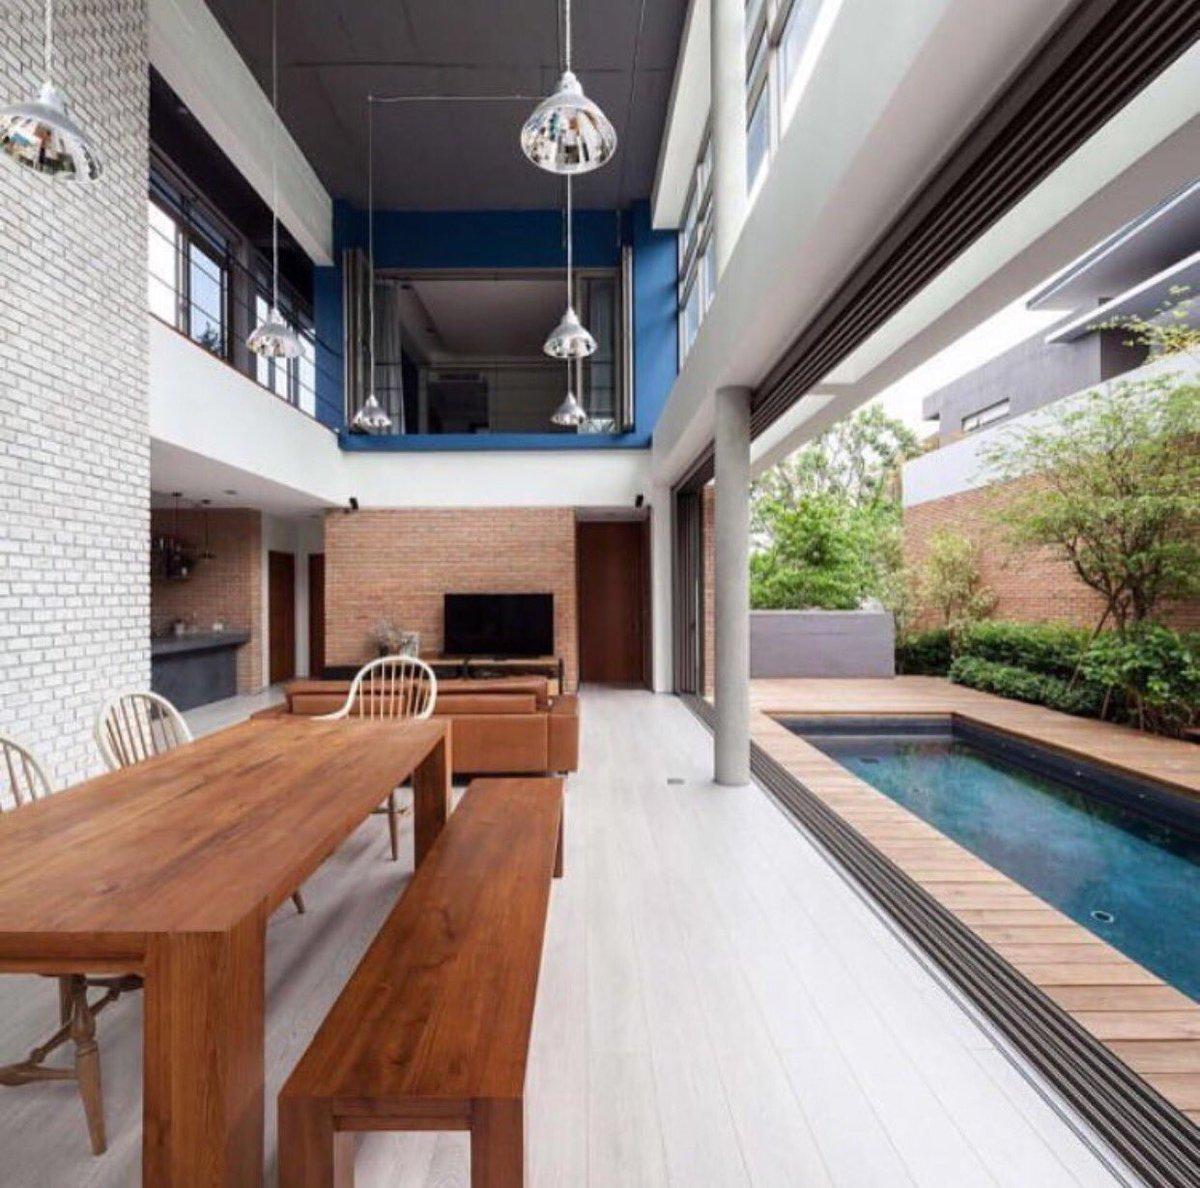 건축가로서 여러분께 아름다운 건축물을 소개합니다. 이 거실은 내부이면서 외부가 될수 있는 공간이 되었네요. https://t.co/zl8aeXMVbf